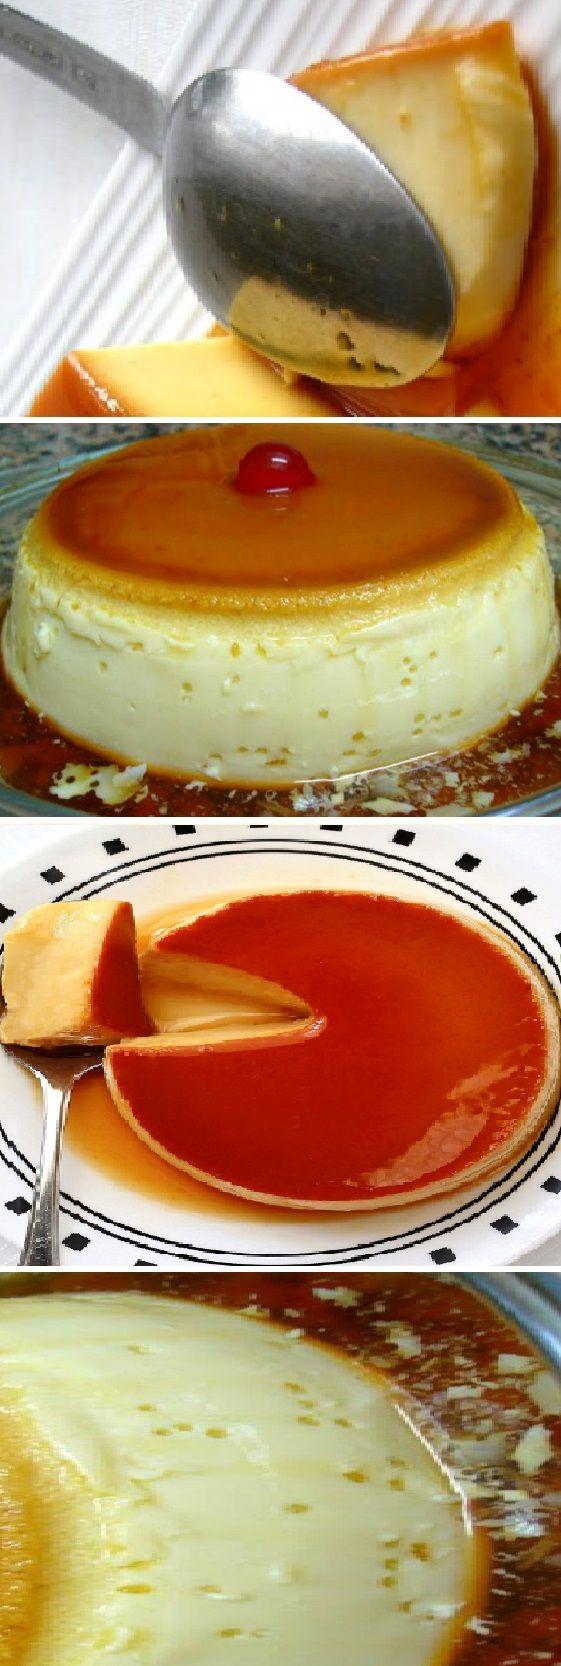 FLAN express en 4 minutos y 3 ingredientes ¿Te atreves? #flan #postres #postresparafiestas  #navidad #negocio  #pan #panfrances #pantone #panes #pantone #pan #receta #recipe #casero #torta #tartas #pastel #nestlecocina #bizcocho #bizcochuelo #tasty #cocina #chocolate   Colocamos 4 cucharadas de azúcar en un cuenco. Cascamos los huevos y batimos bien con una varilla. Añadimos la lec...